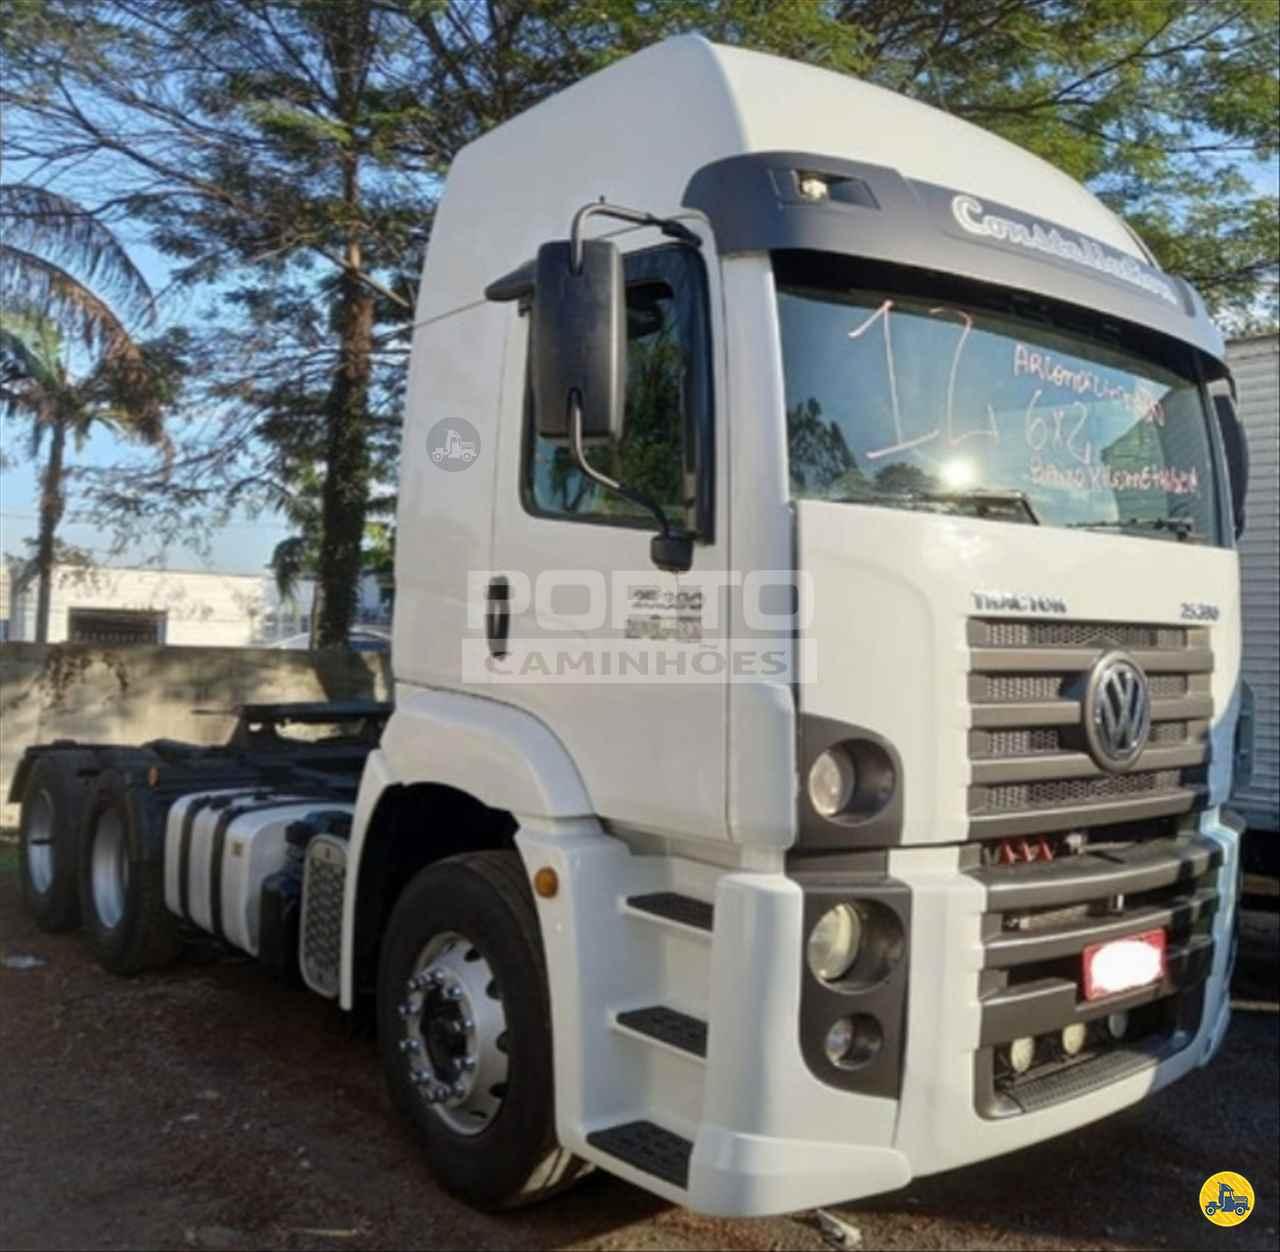 CAMINHAO VOLKSWAGEN VW 25390 Cavalo Mecânico Truck 6x2 Porto Caminhões GUARULHOS SÃO PAULO SP